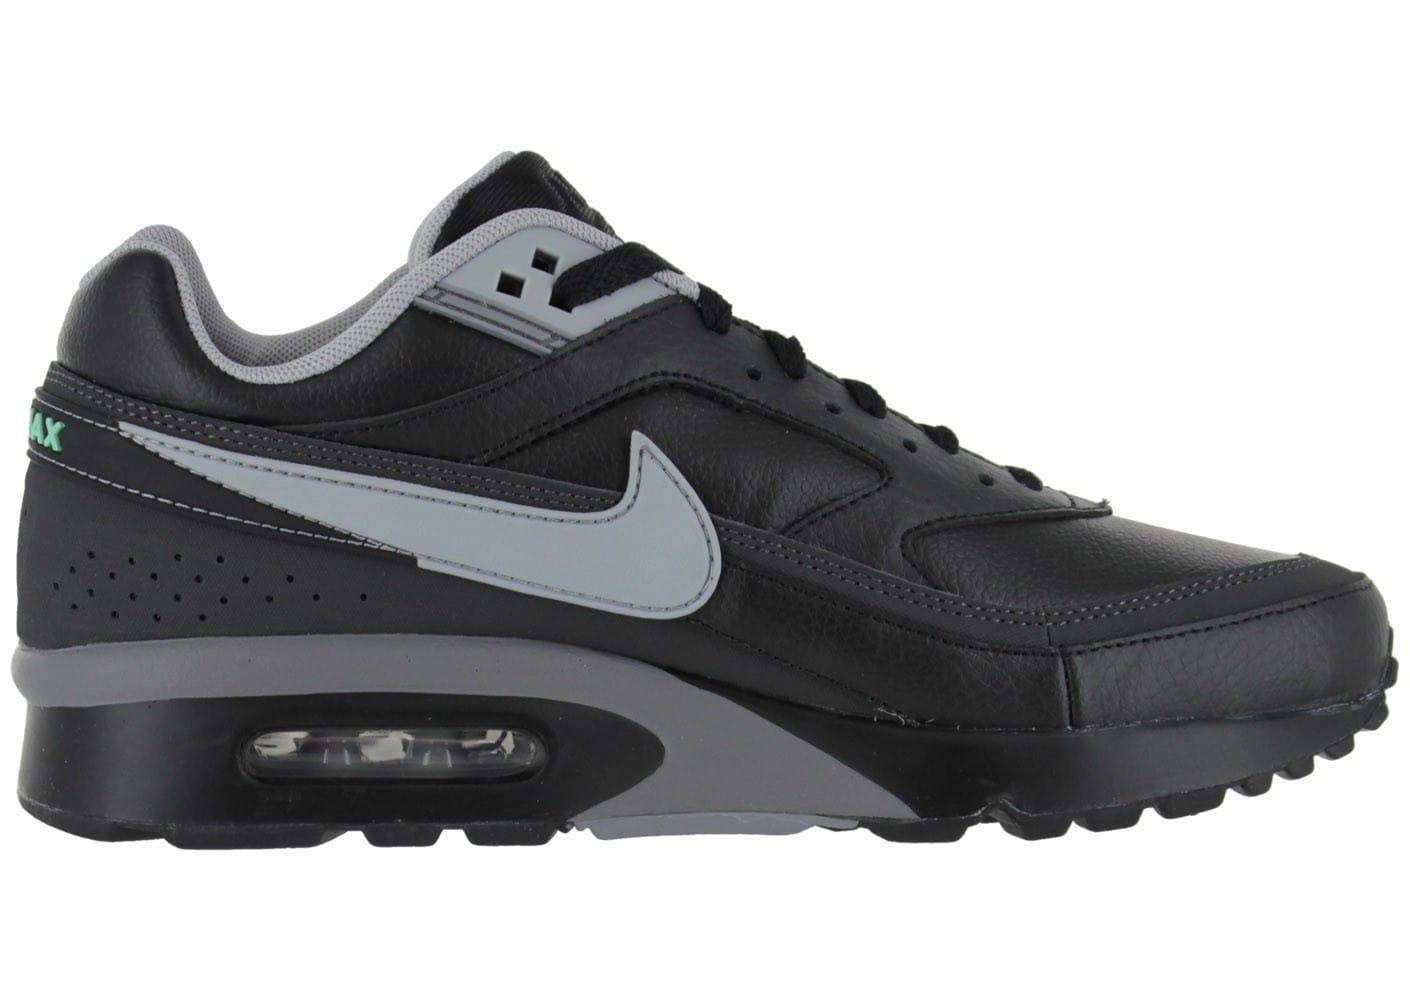 nike air max 2018 homme classic bleu noir,Nike Air Classic Bw ...